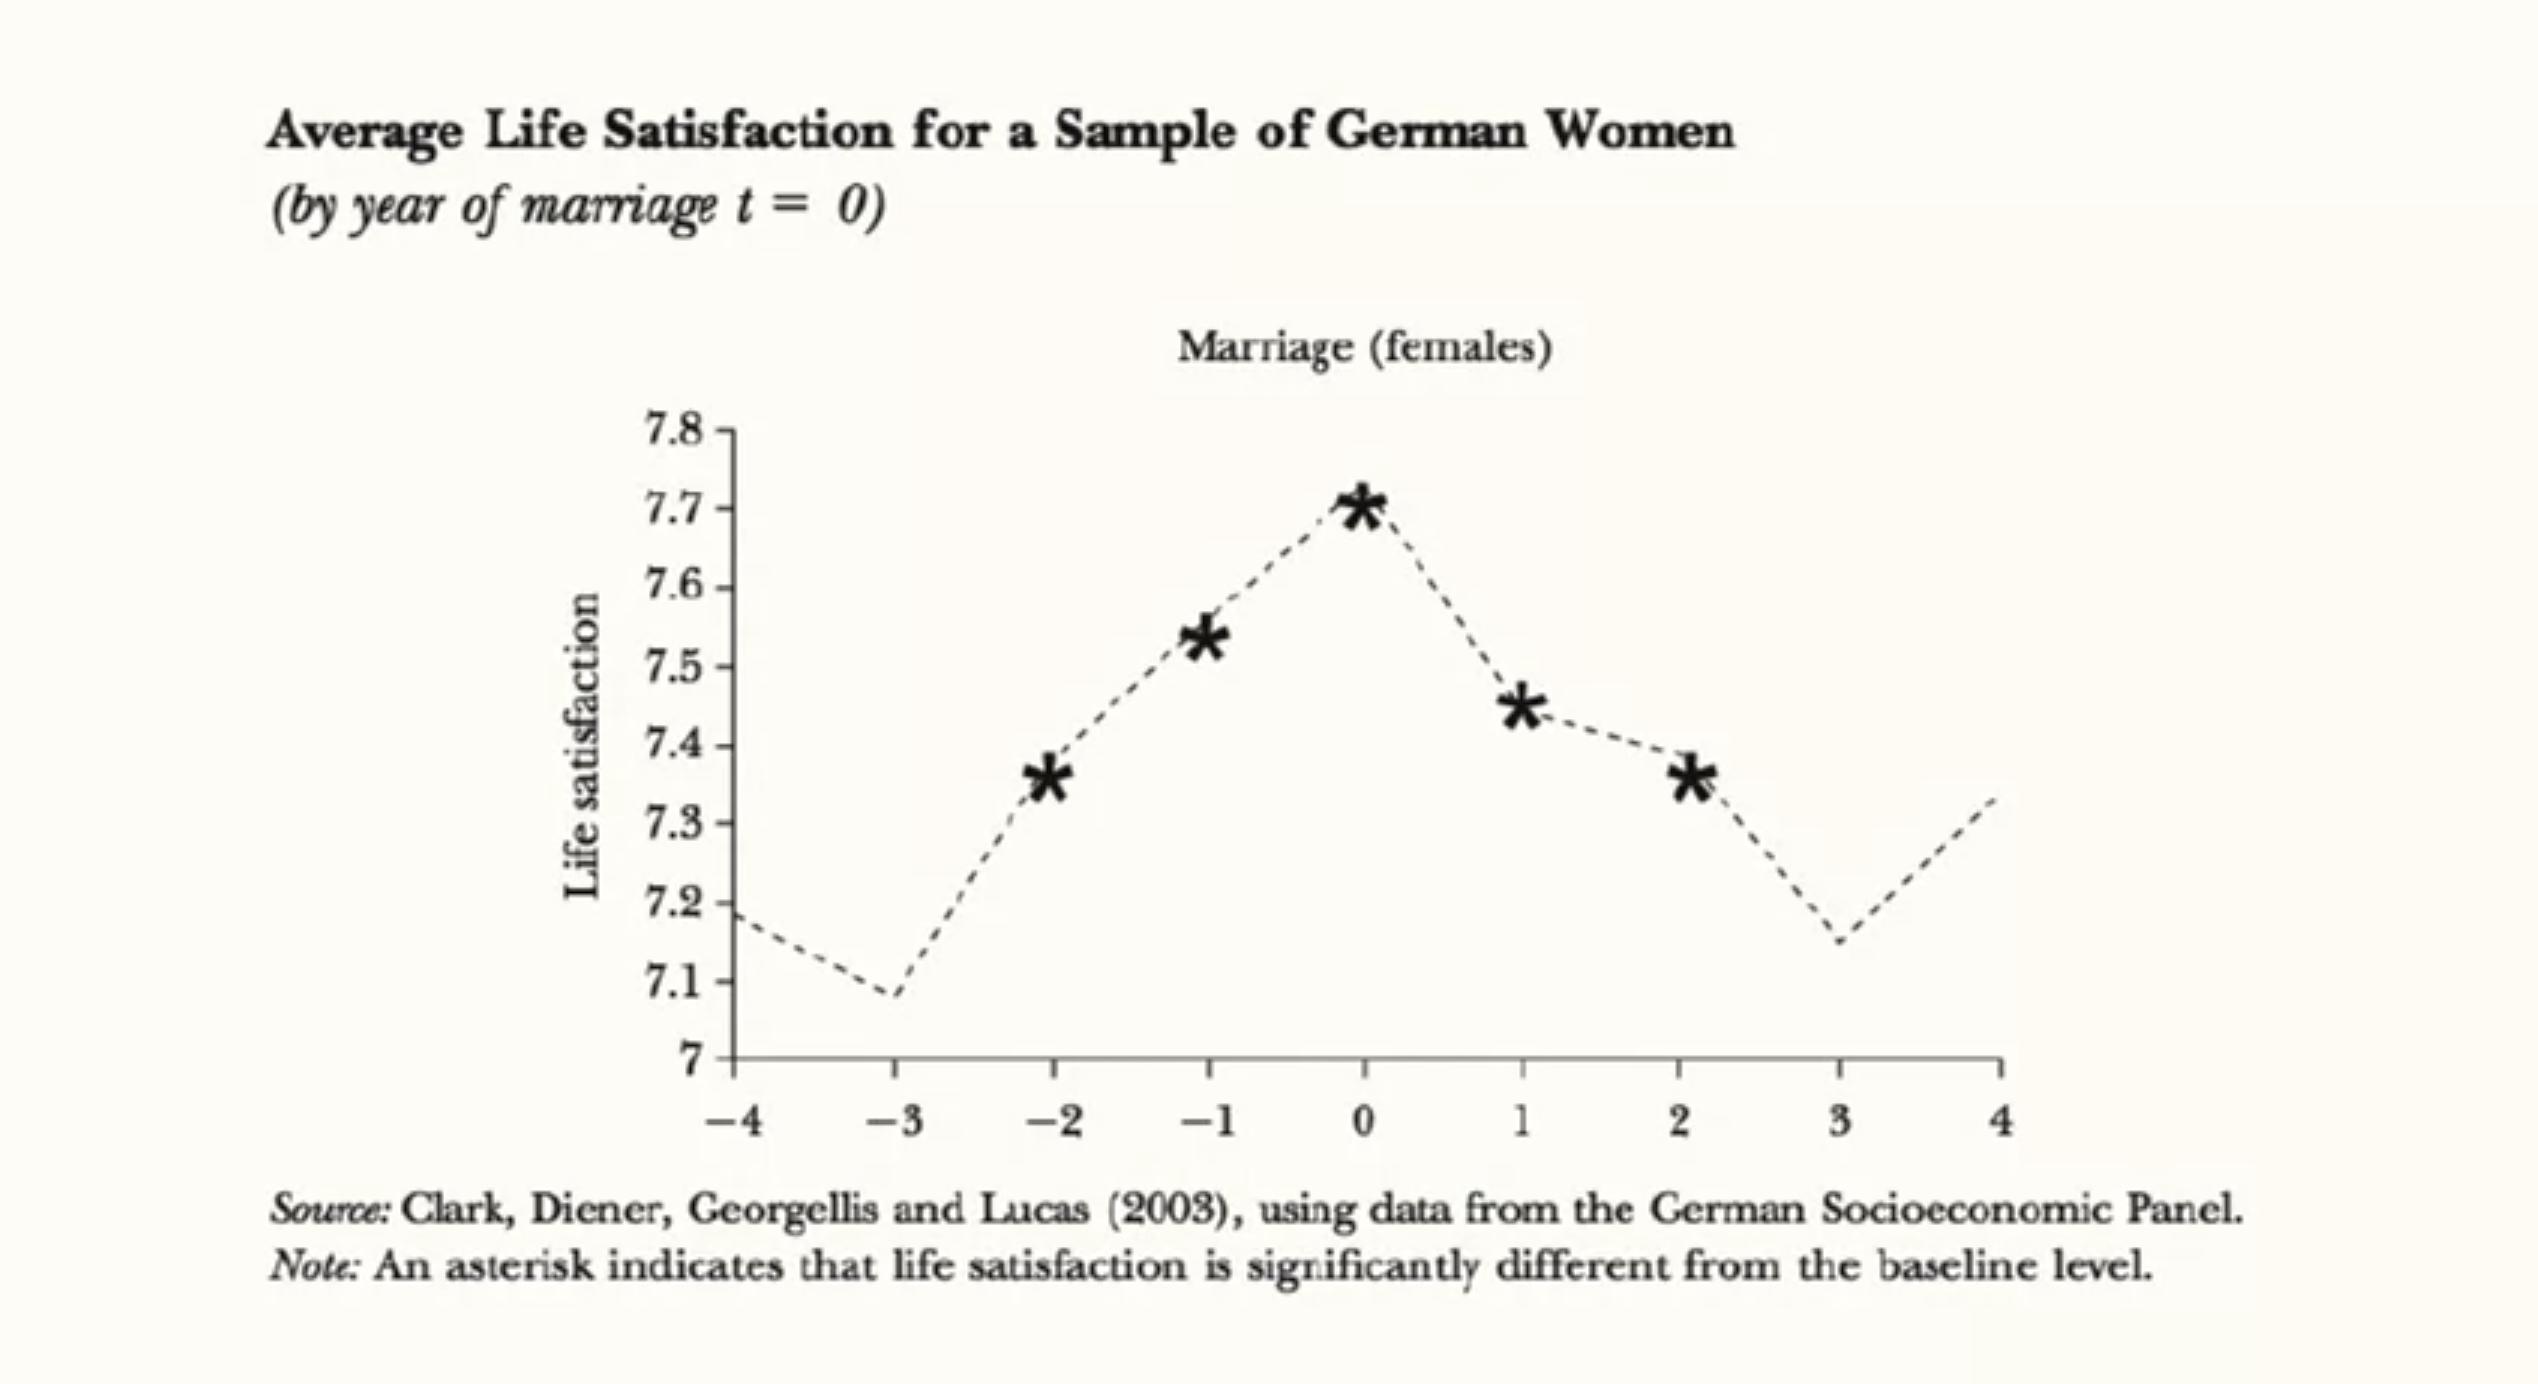 Уровень удовлетворенностью жизнью до и после замужества, Немецкая Социоэкономическая панель, 2003